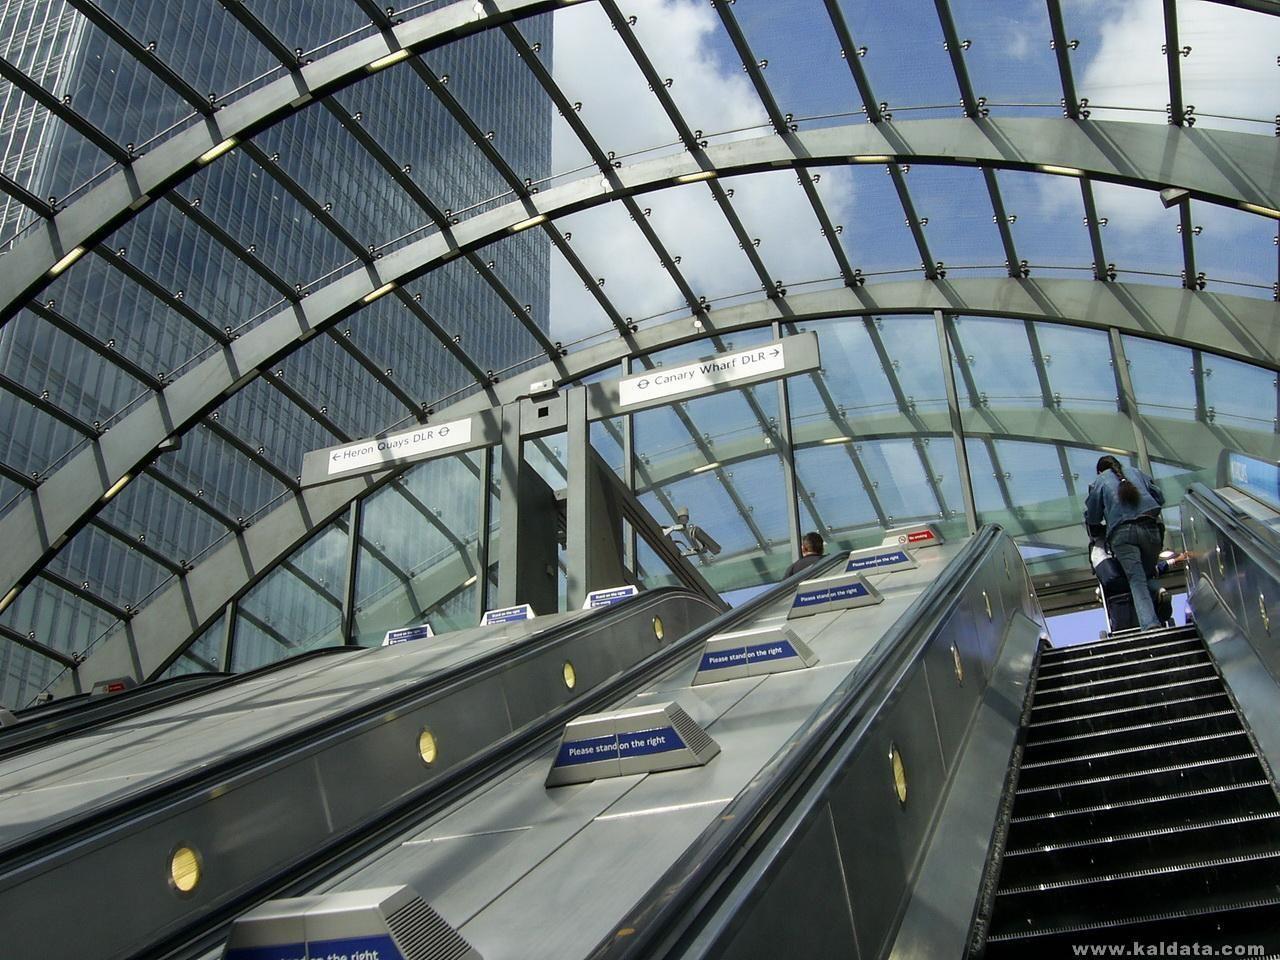 Излизайки от метростанция 'Canary Wharf'